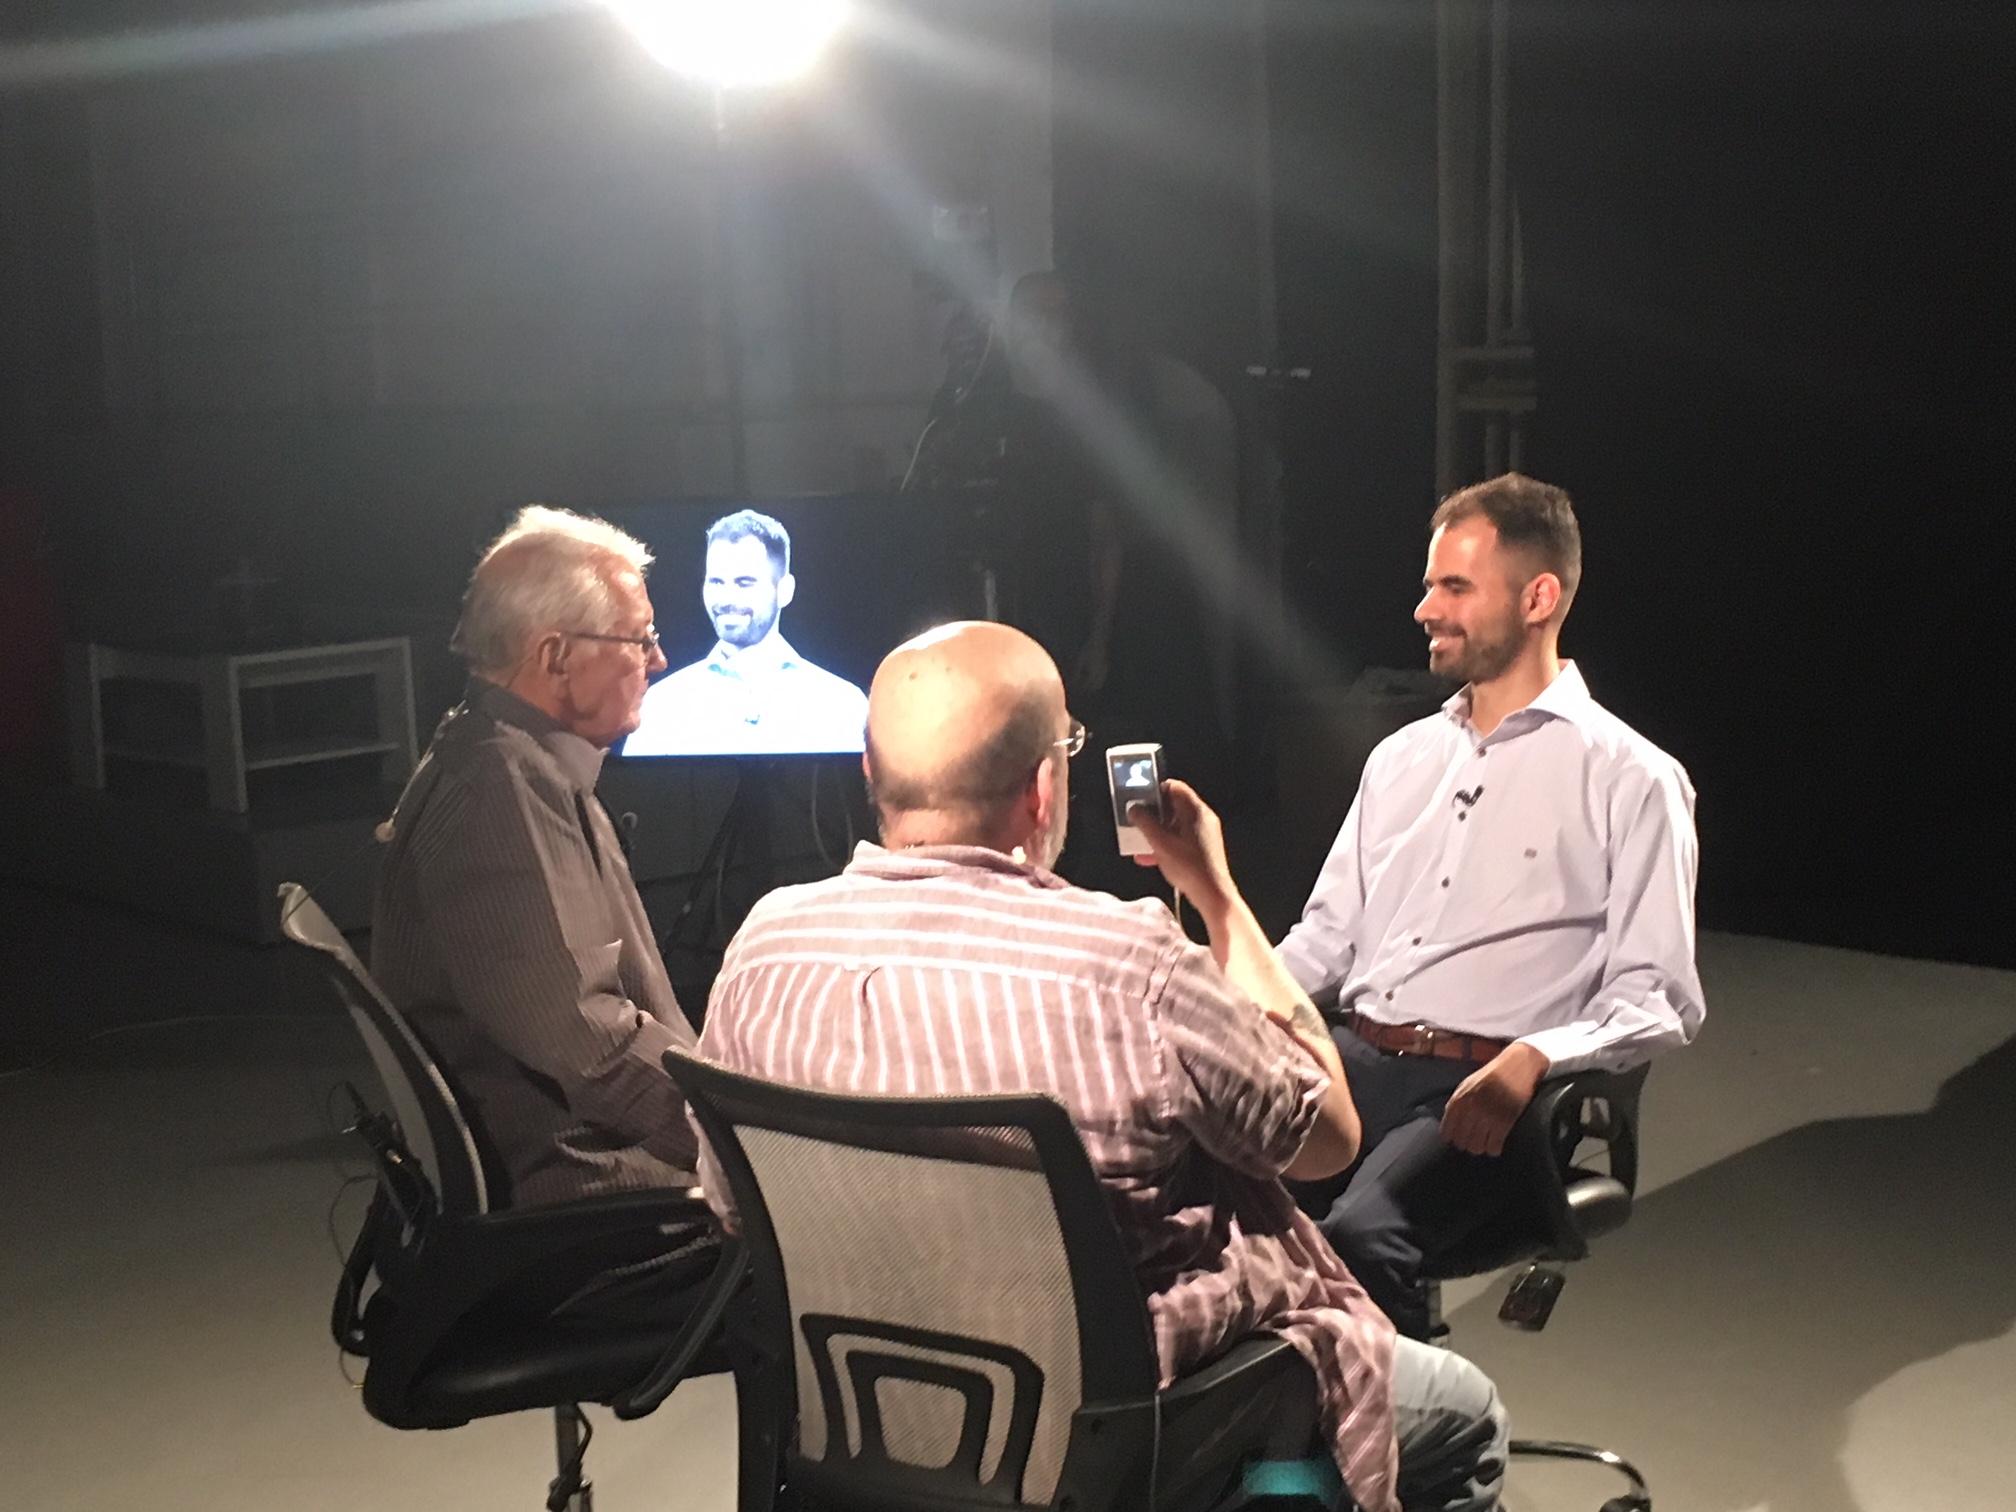 Ο Βαγγέλης Αυγουλάς στο τηλεοπτικό πλατό με τον Μάνο Αντώναρο και το Δημήτρη Κωνσταντάρα